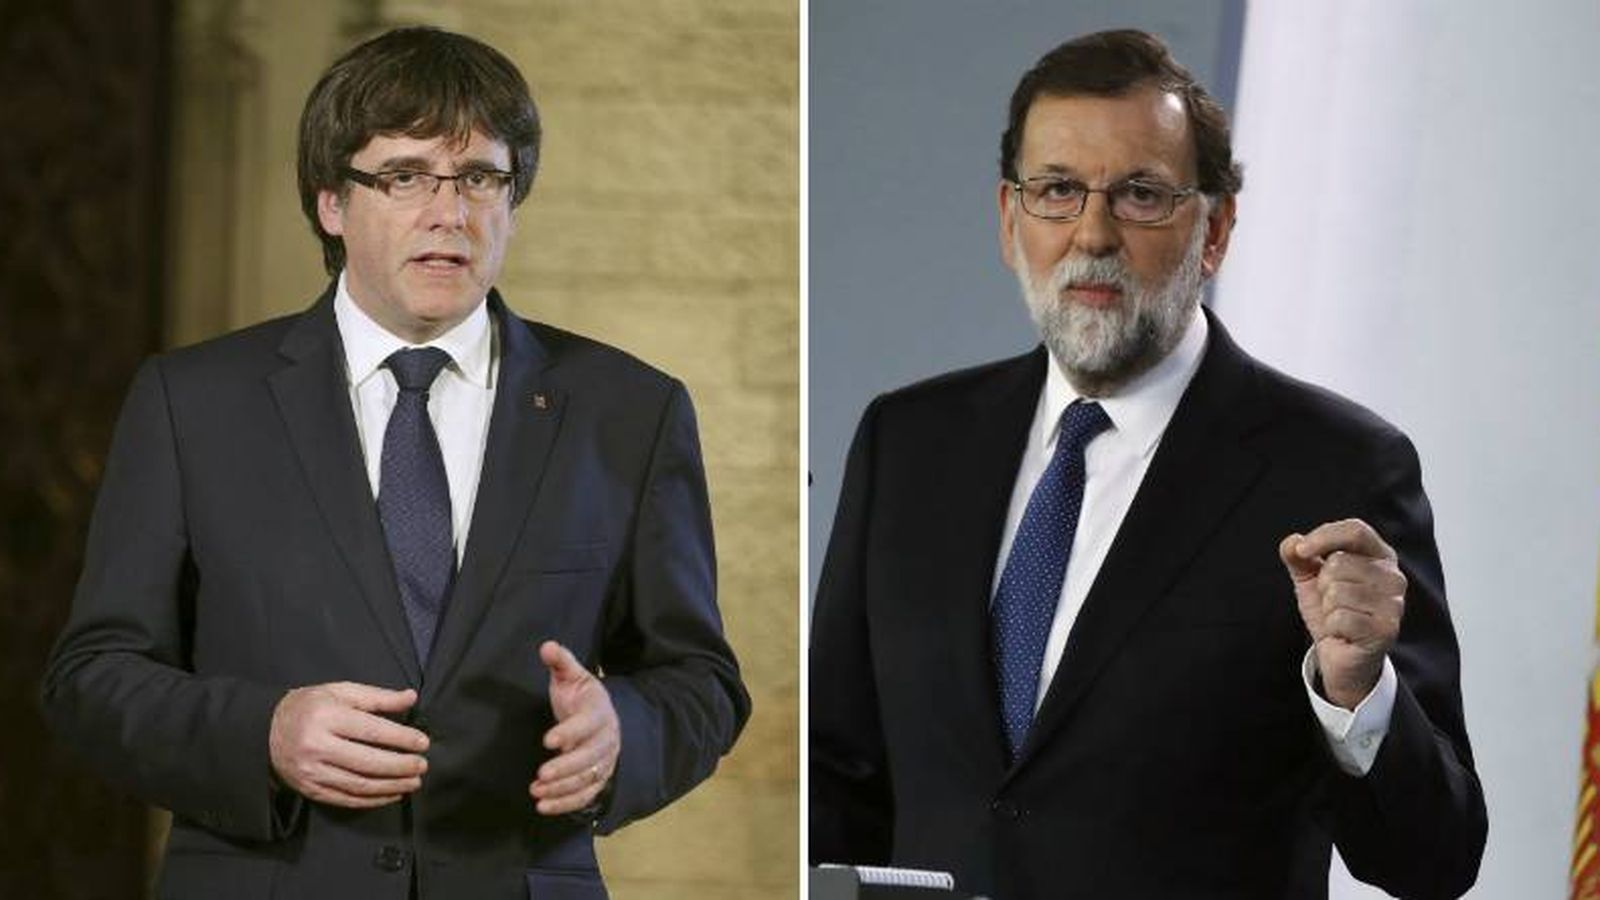 Foto: El presidente de la Generalitat de Cataluña, Carles Puigdemont, y el jefe del Ejecutivo, Mariano Rajoy, en sus respectivas comparecencias del pasado sábado.